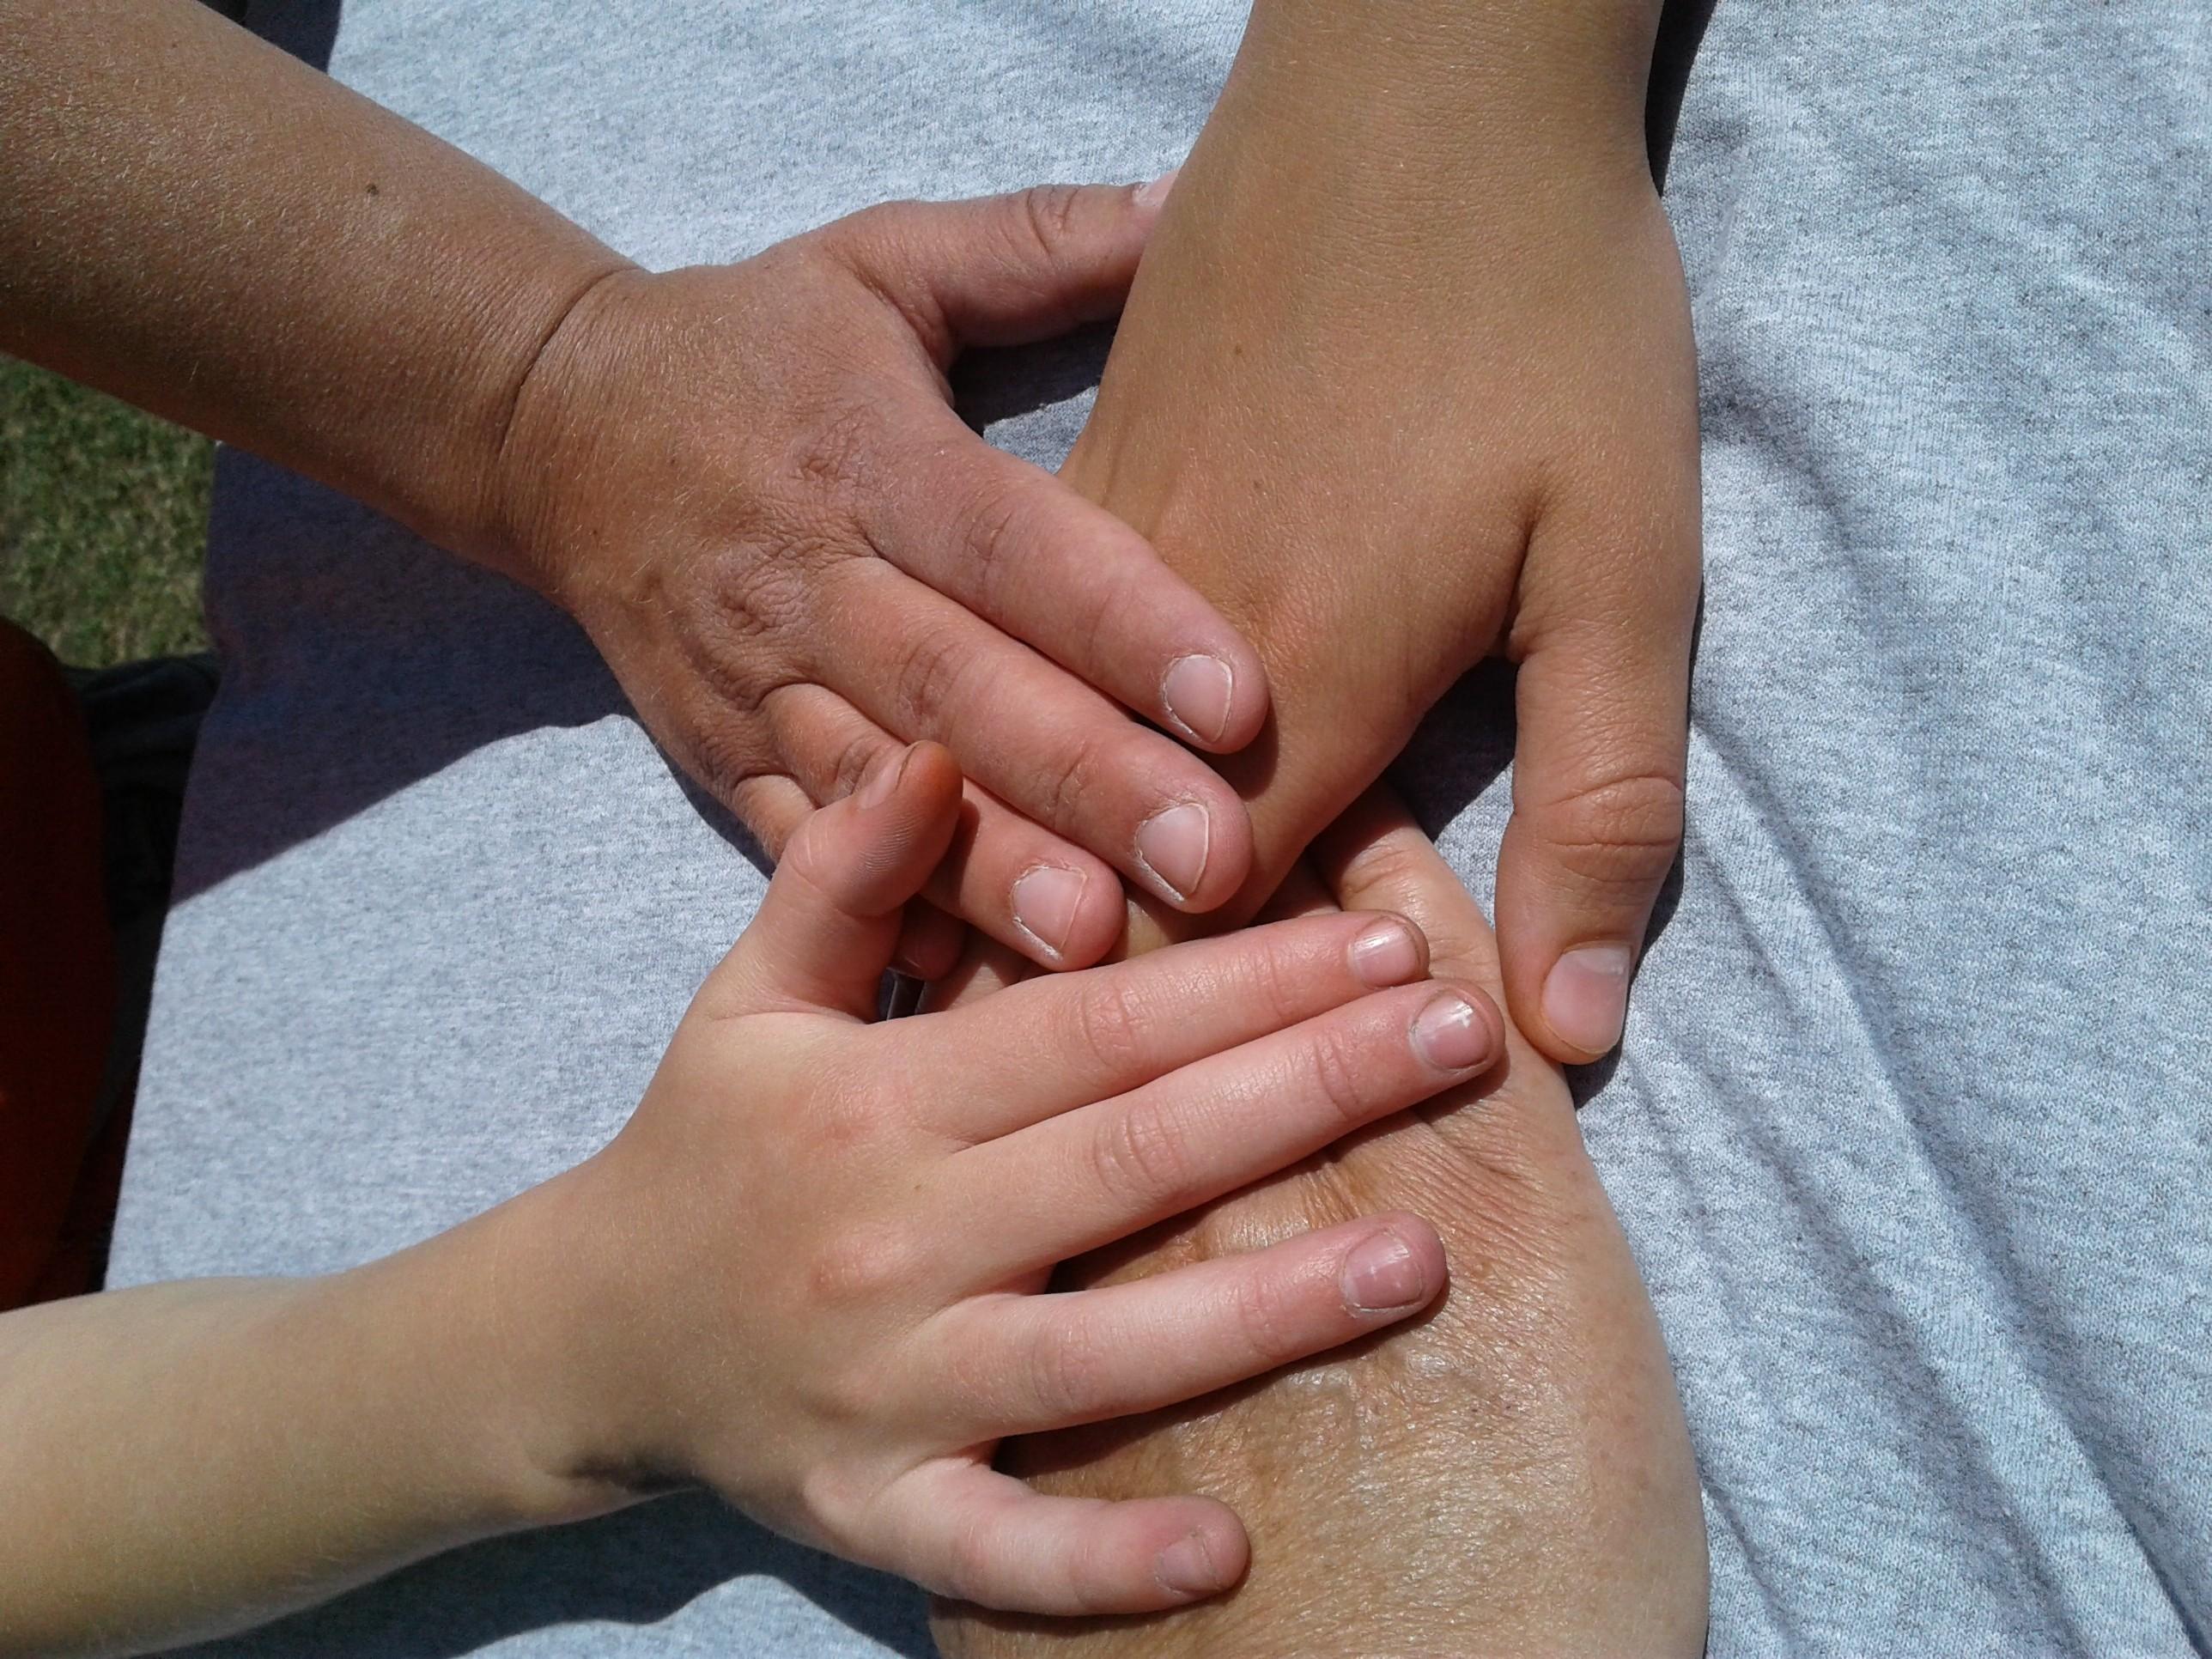 pallaiative care cover